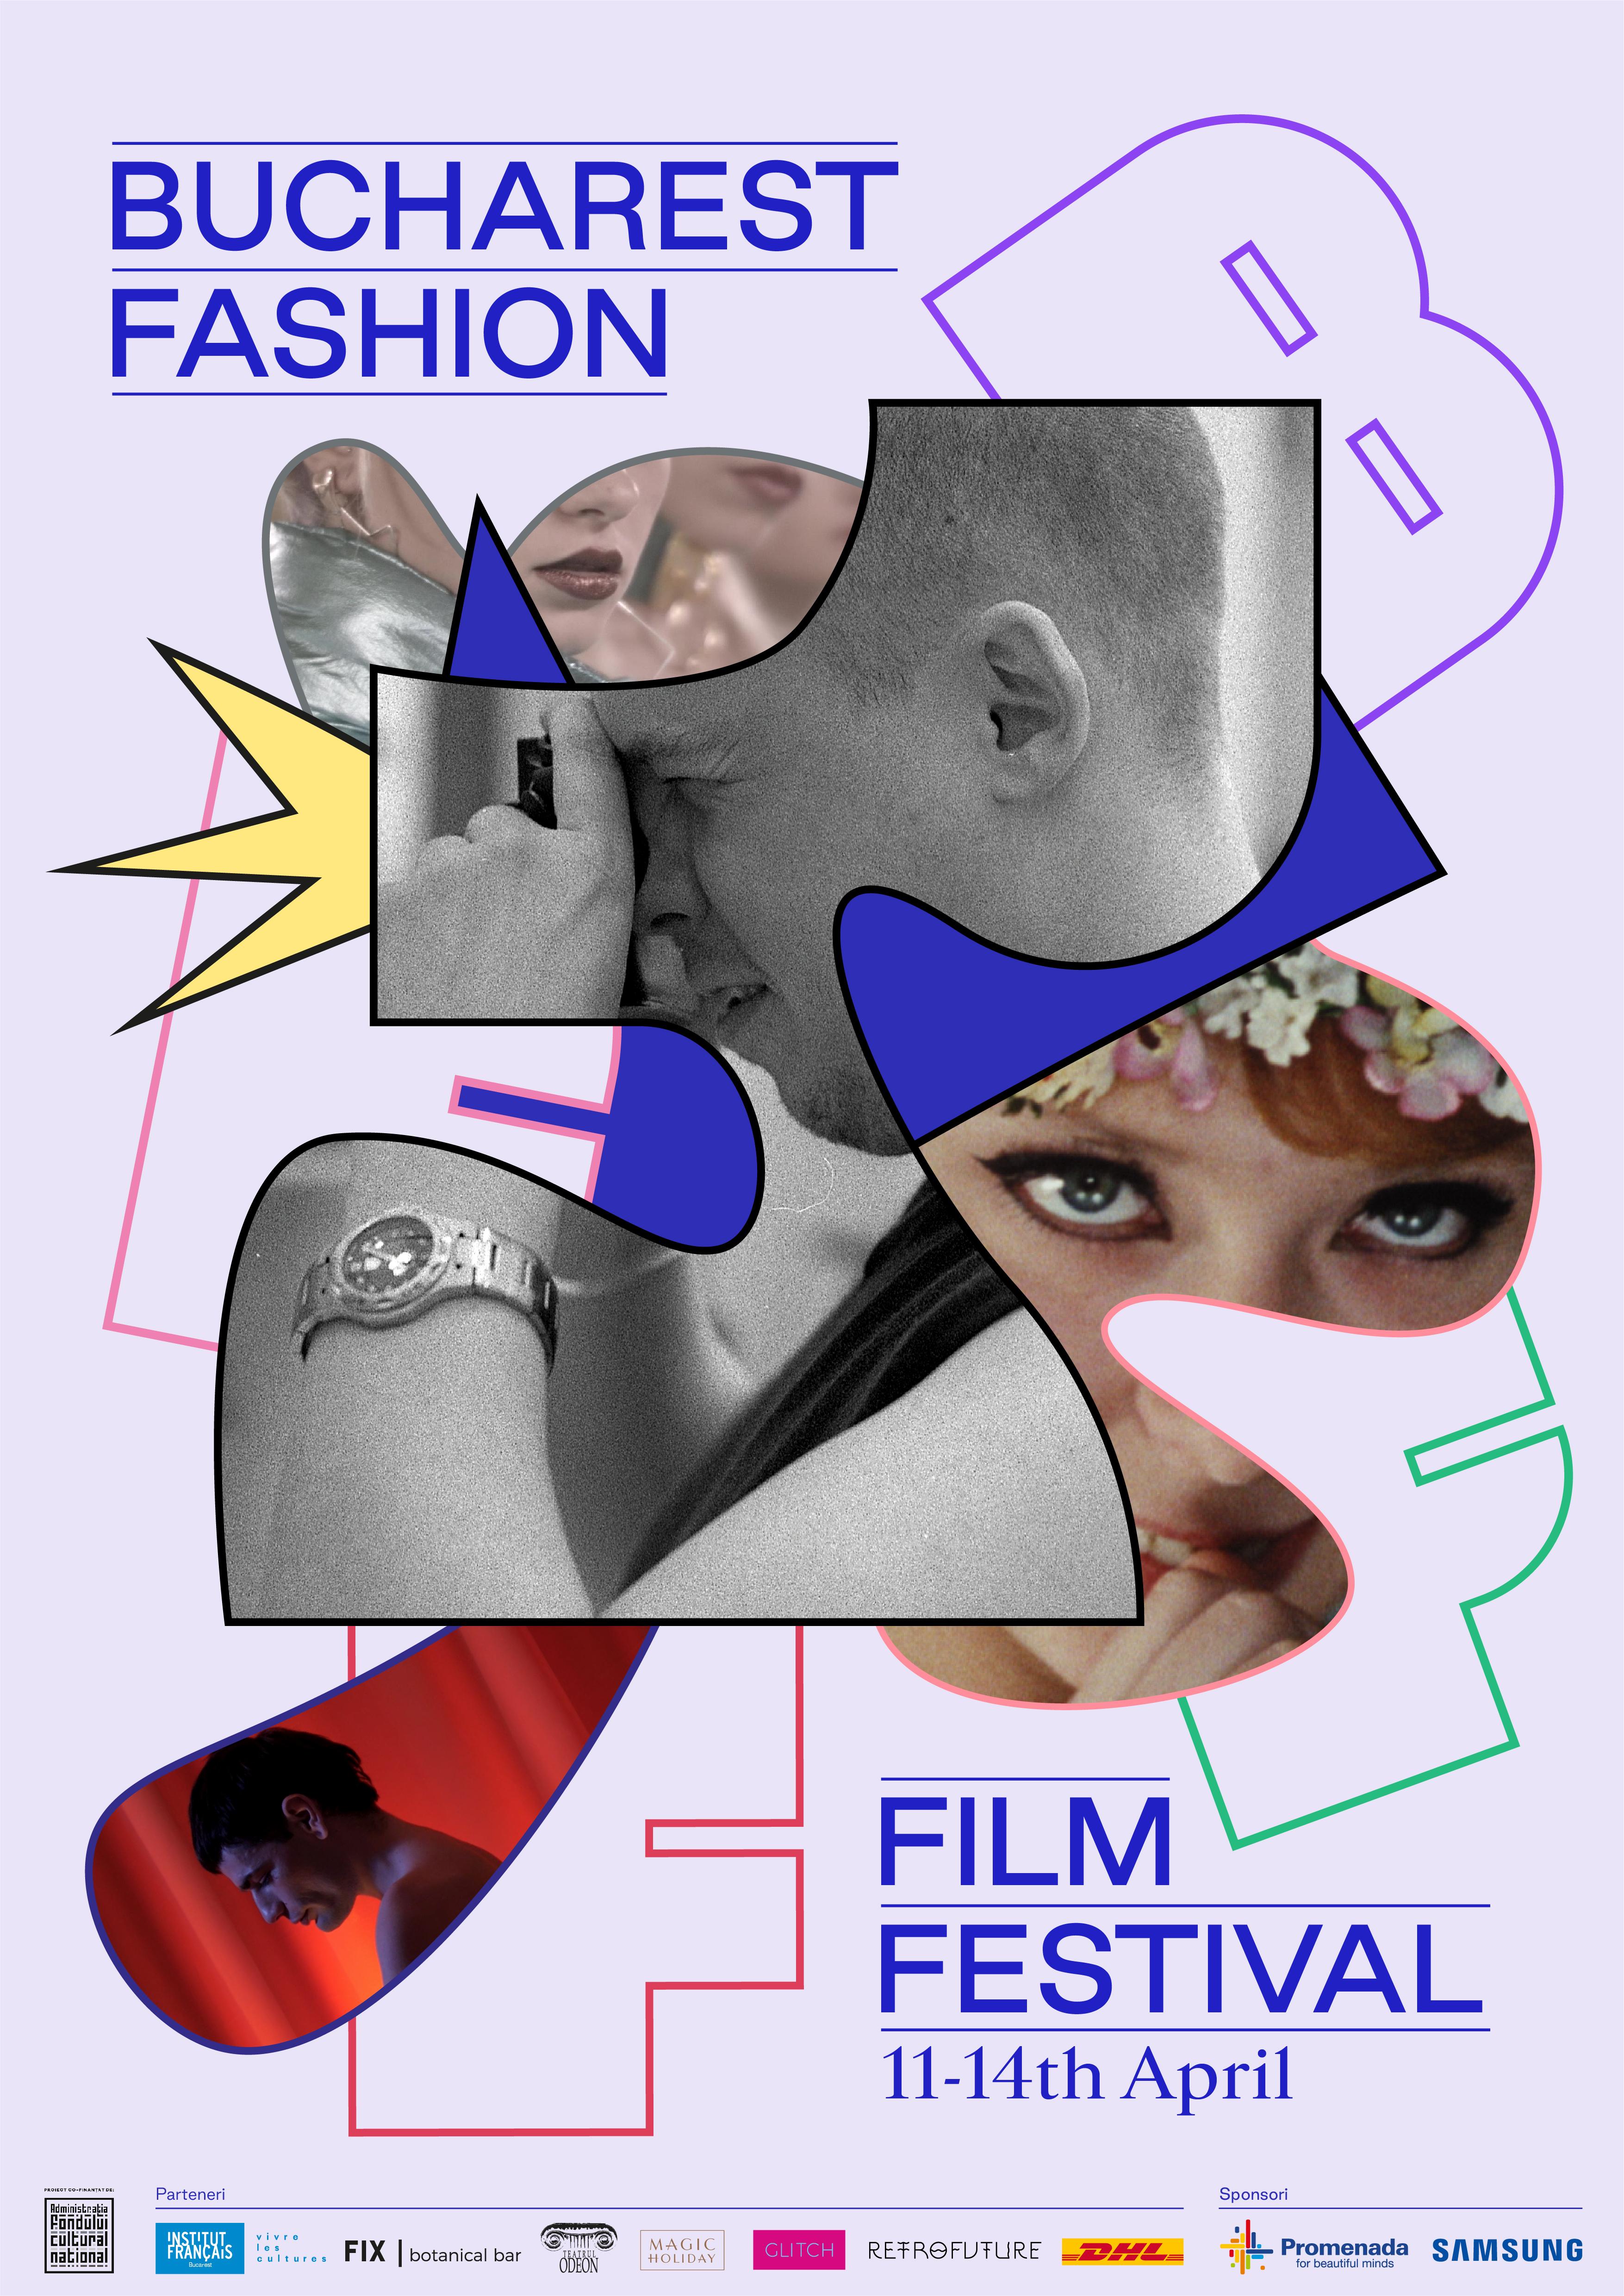 Bucharest_Fashion_Film_Festival_2019_afis.jpg